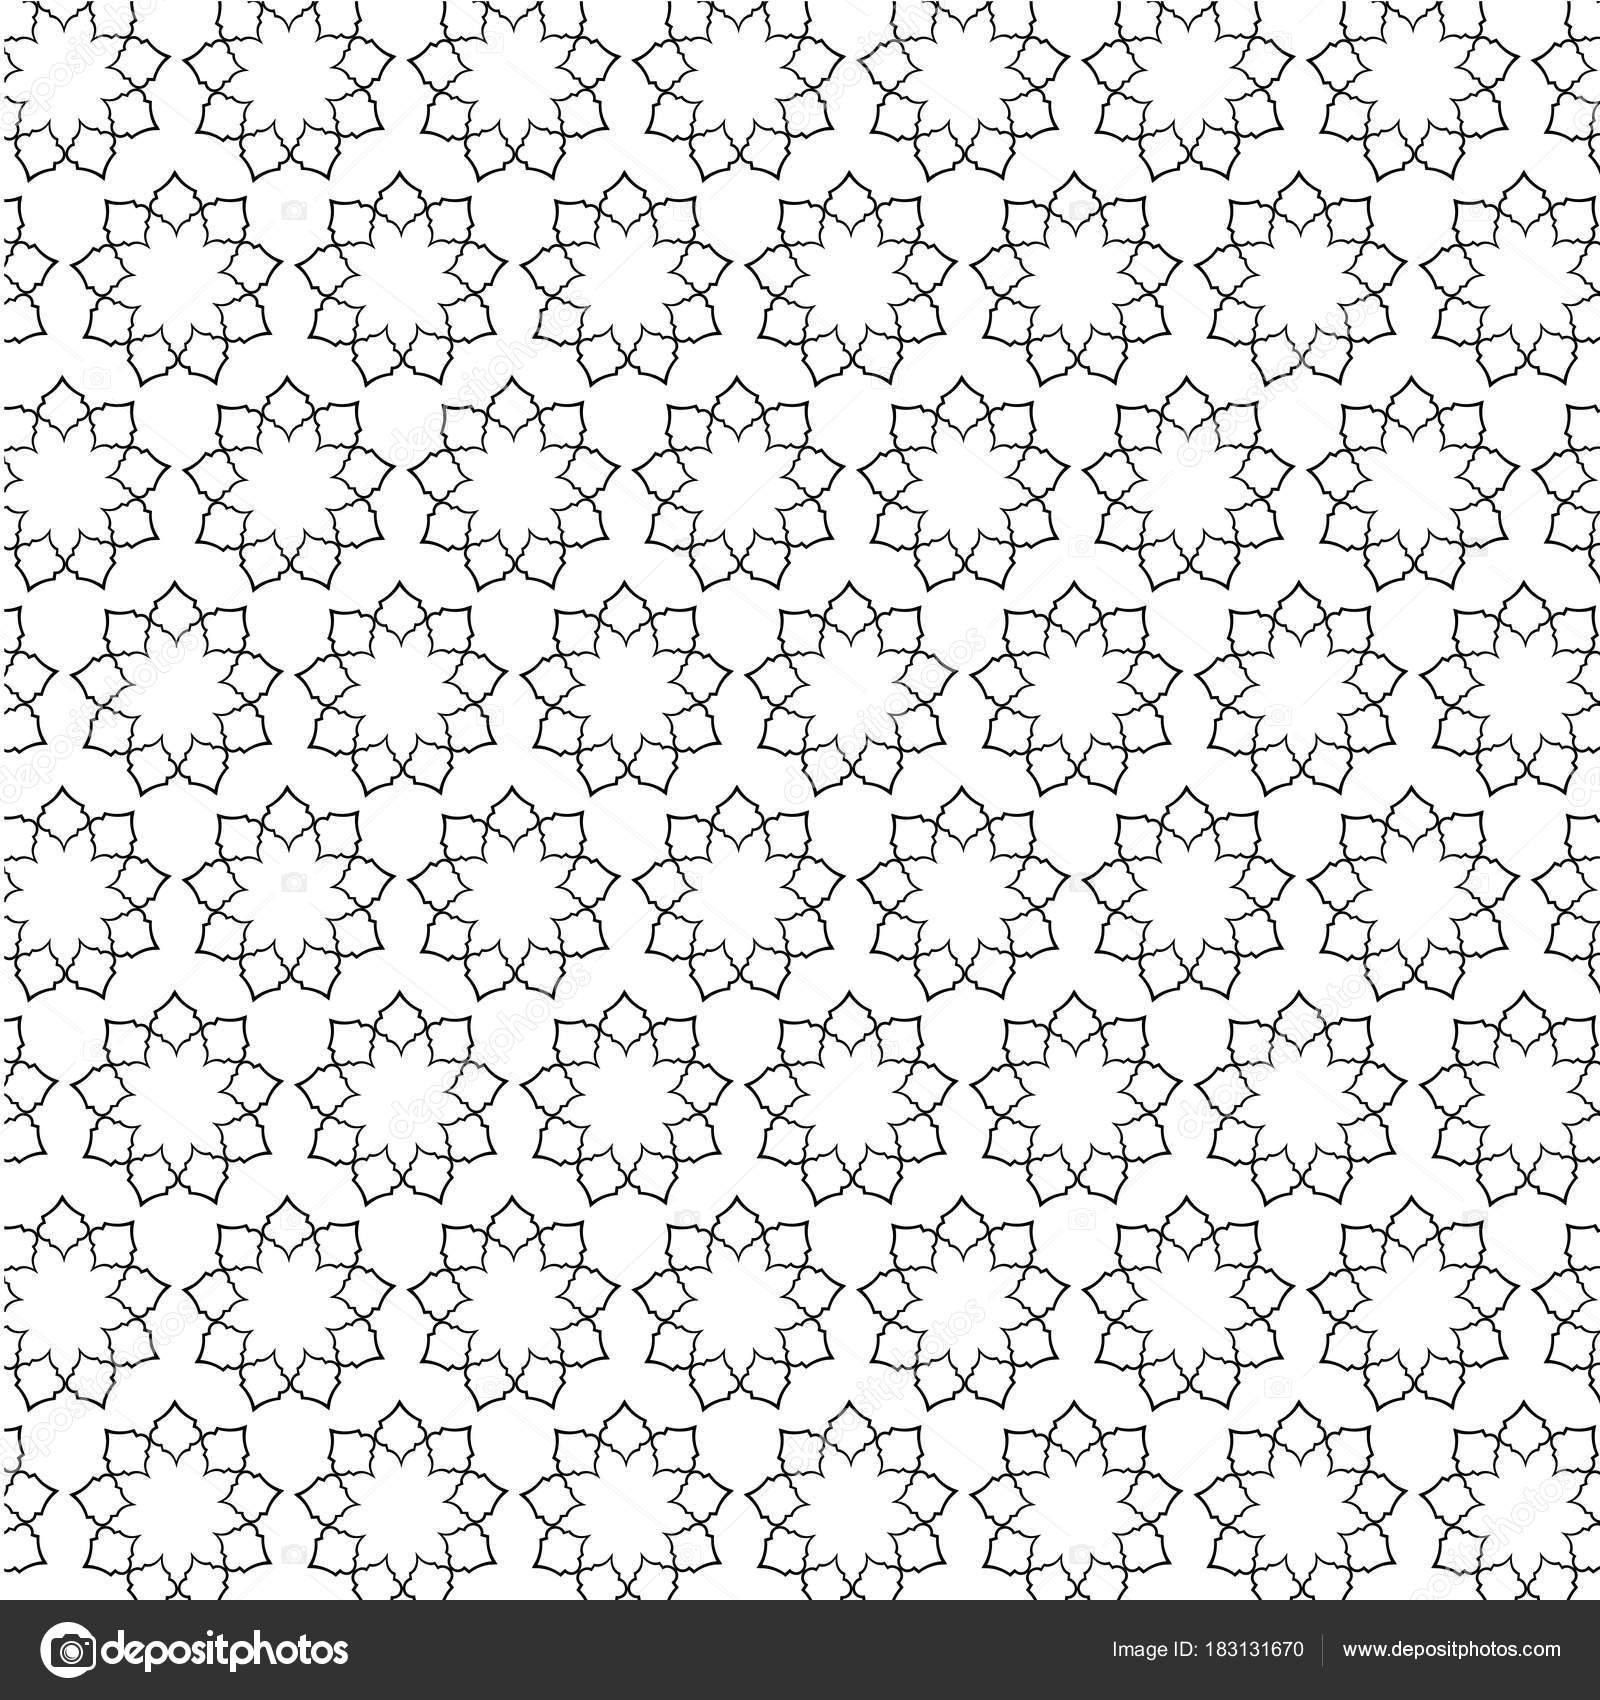 Motif marocain noir sur fond blanc image vectorielle scrapster 183131670 - Motif oriental a imprimer ...